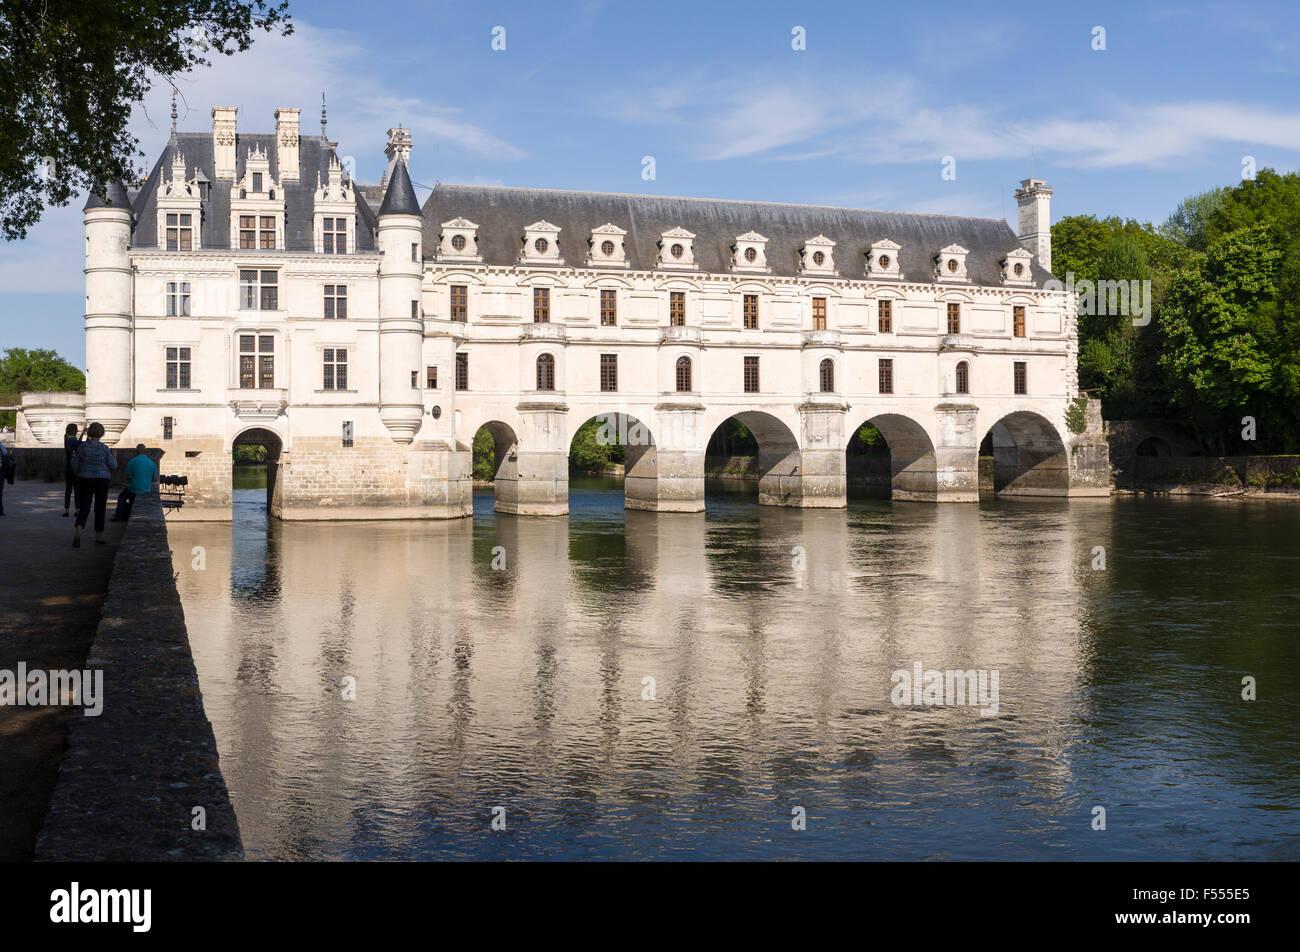 Galería de Chenonceau reflejada en el río. El río Cher refleja los arcos y ventanas de la larga galería Imagen De Stock